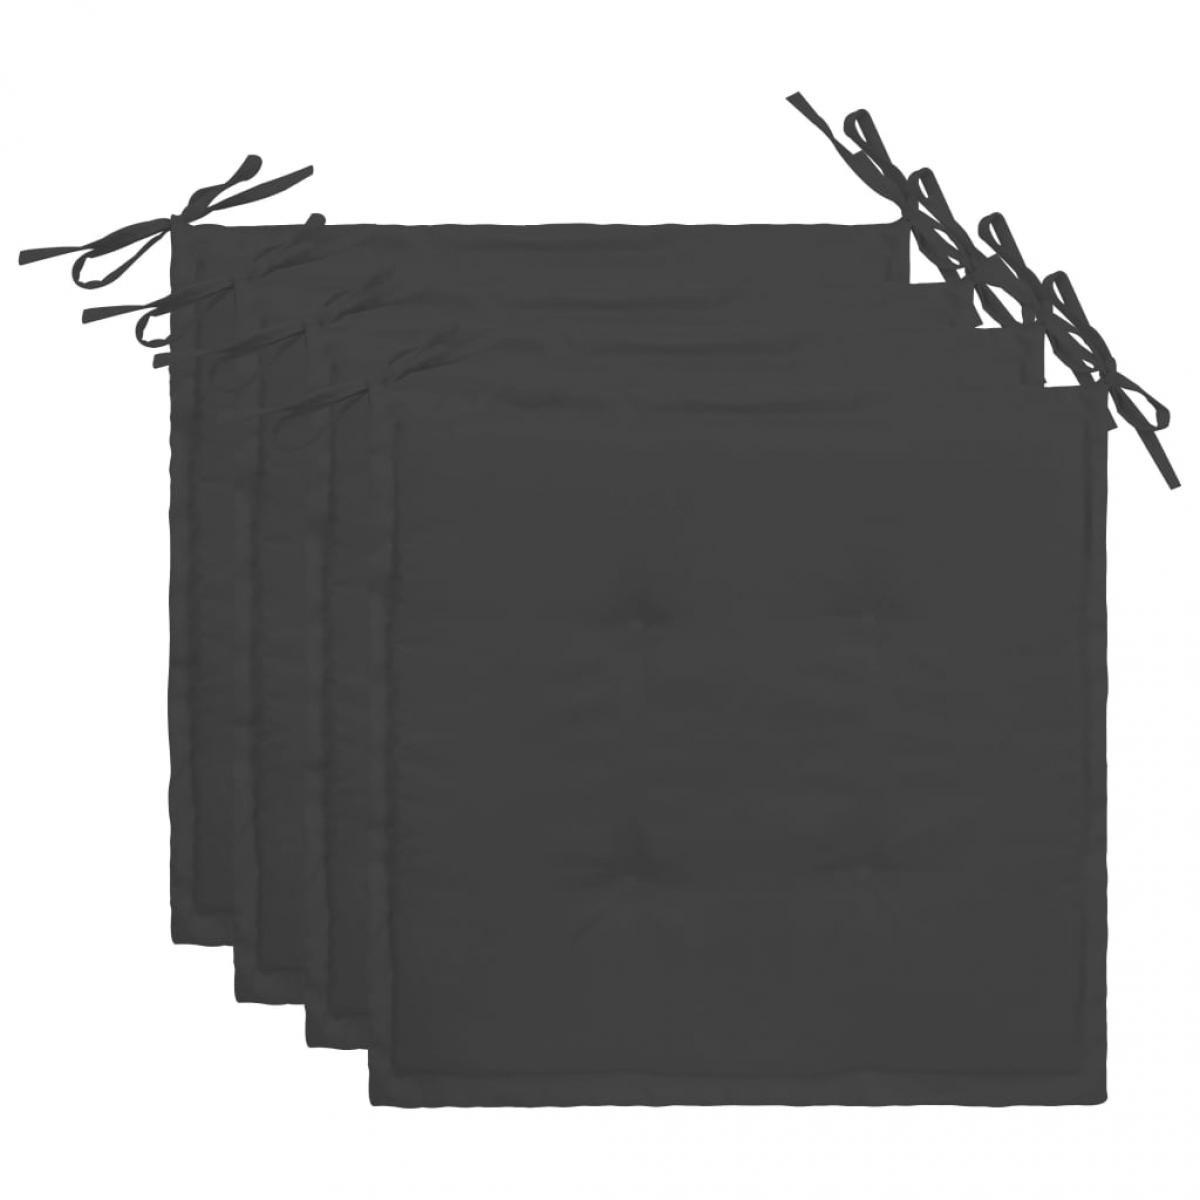 Vidaxl vidaXL Coussins de chaise de jardin 4 pcs Anthracite 40x40x3 cm